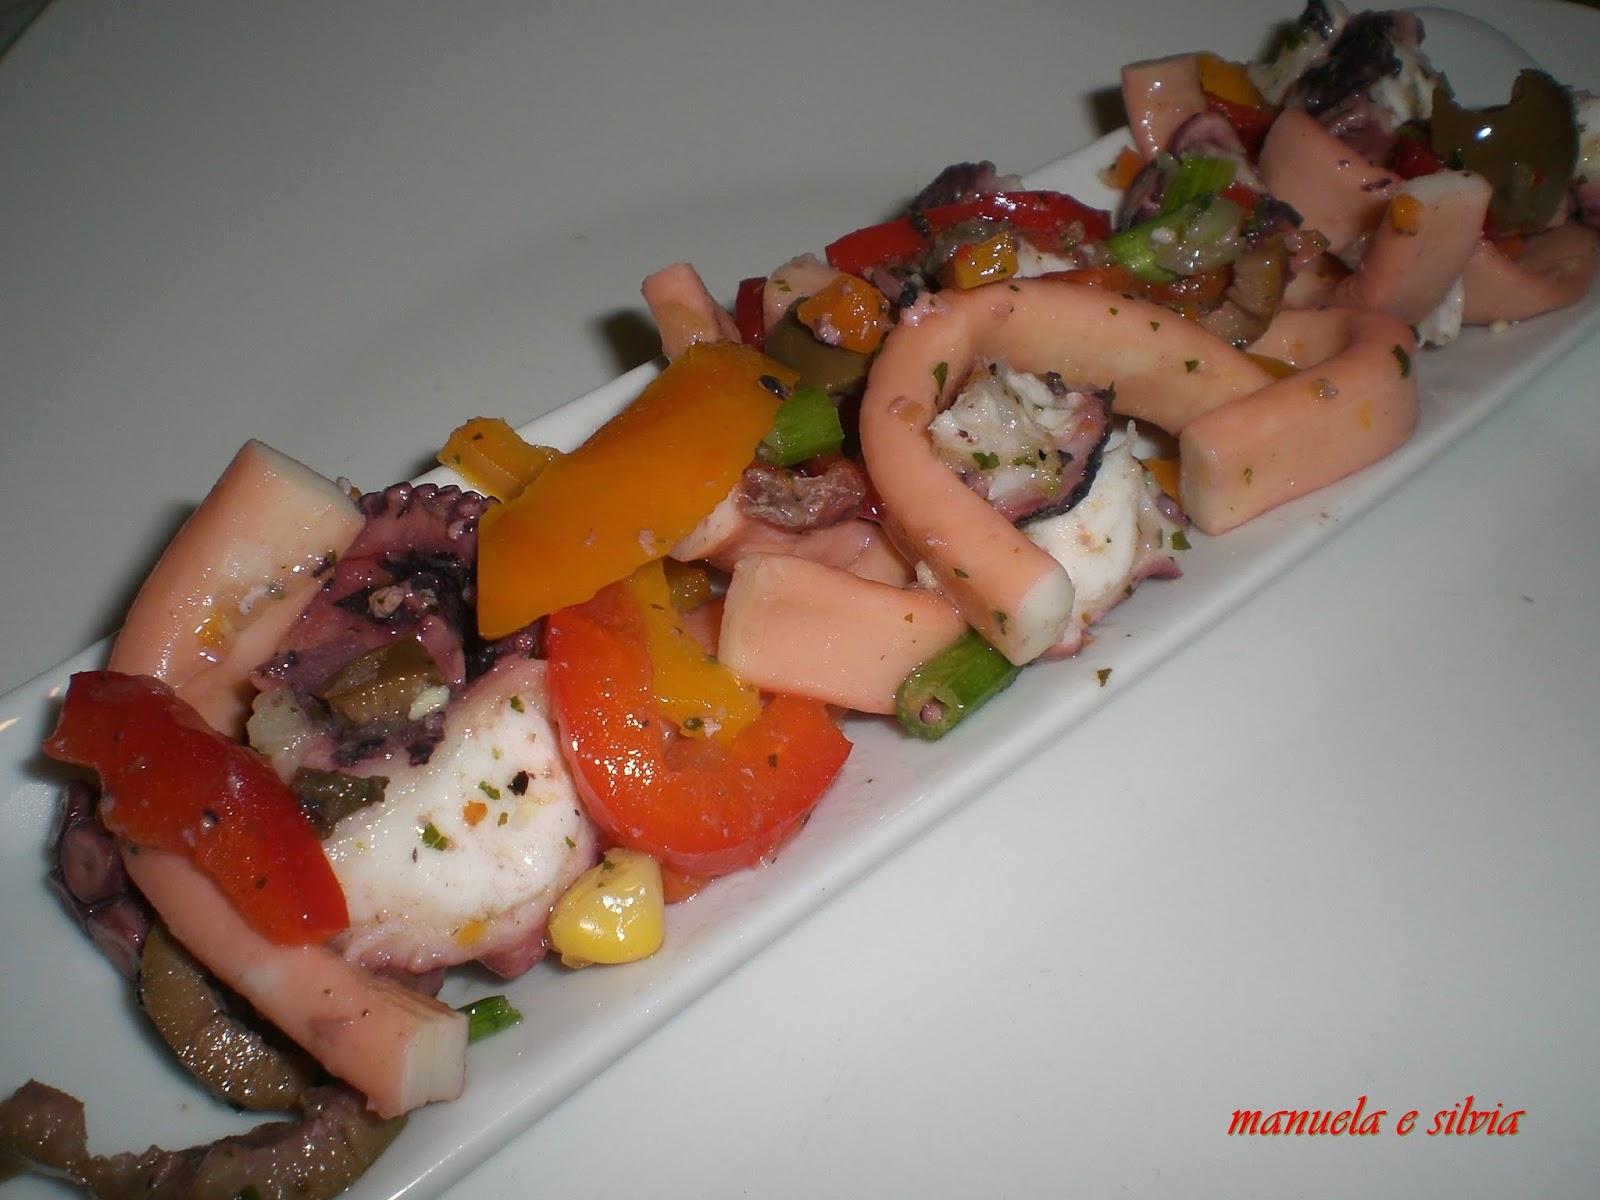 un'insalata aromatica di polipo ed anelli di totano condita con peperoni, olive ed acciughe